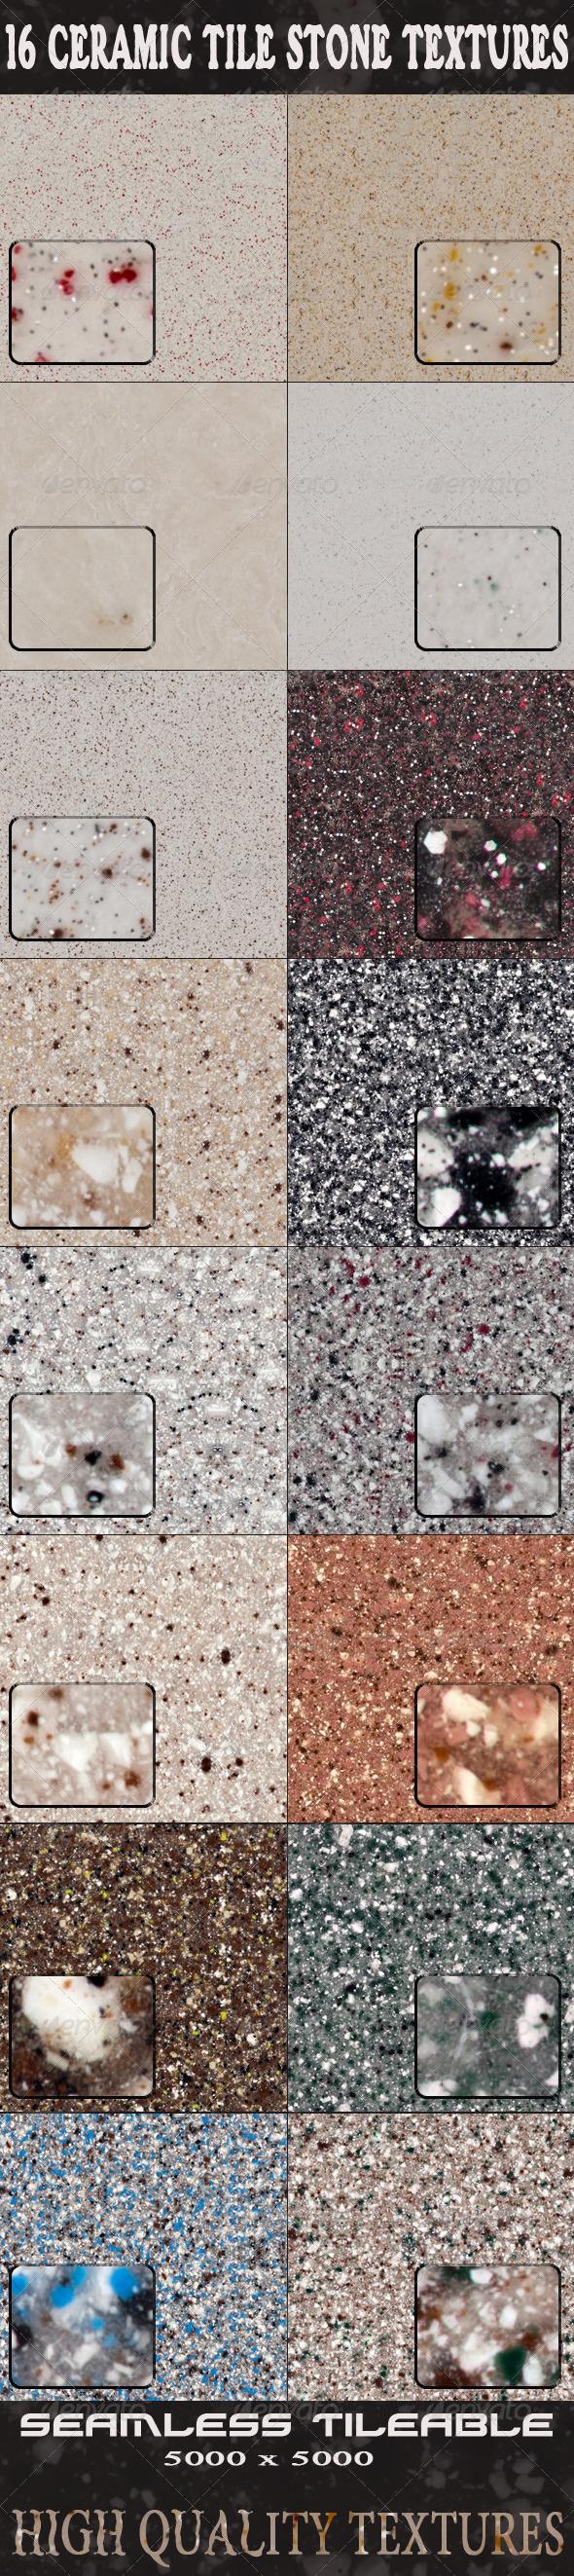 16 Ceramic Tile Stone Textures - Stone Textures